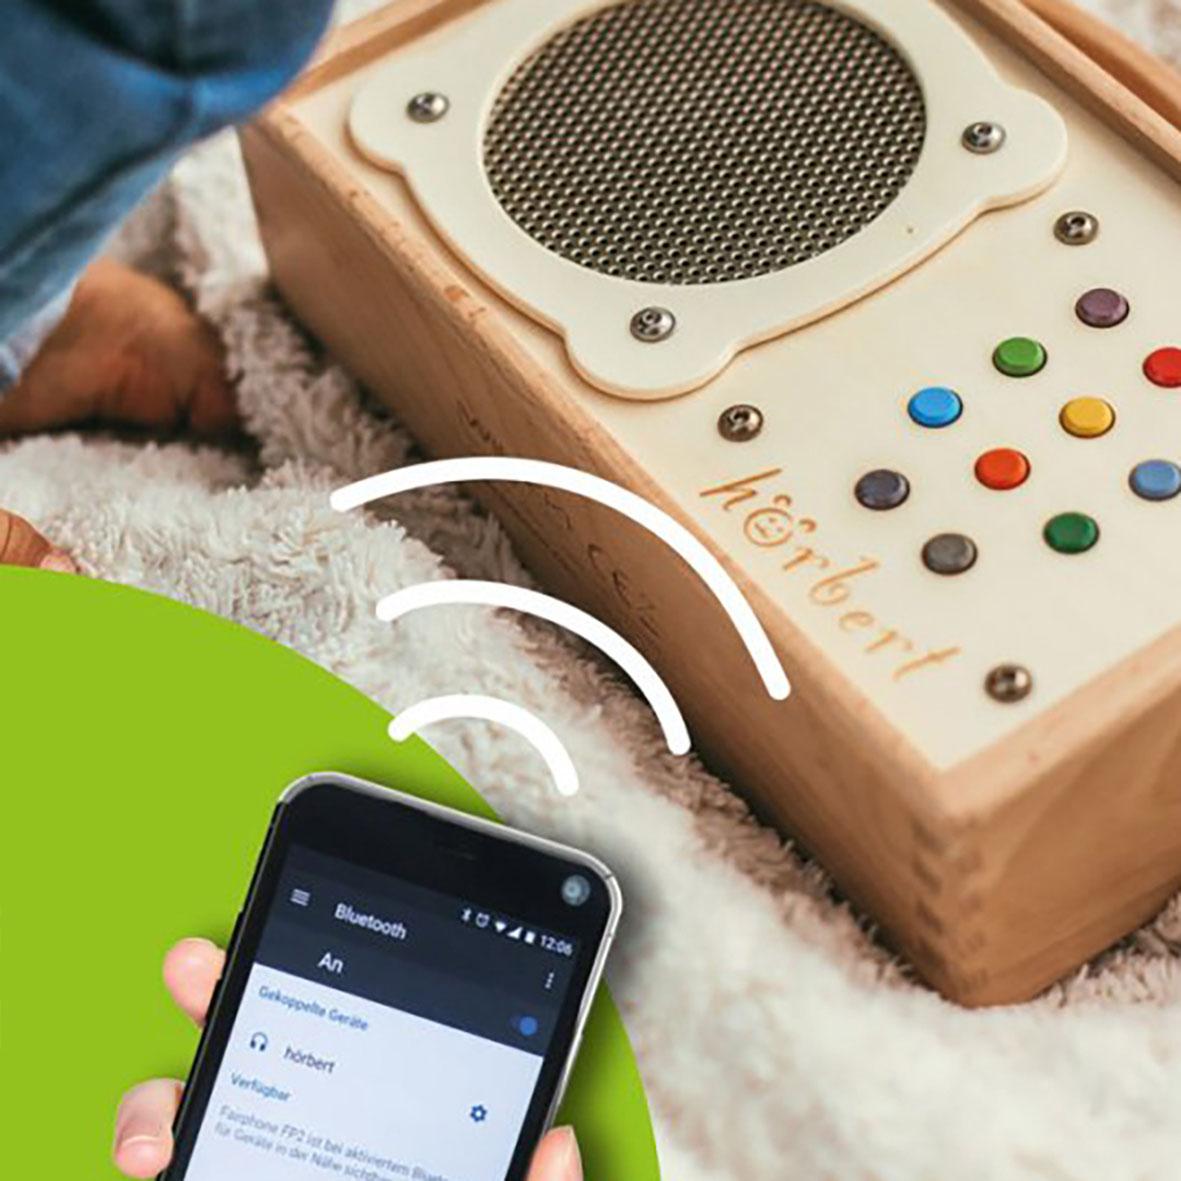 MP3-Player aus Holz mit Fernbedienung